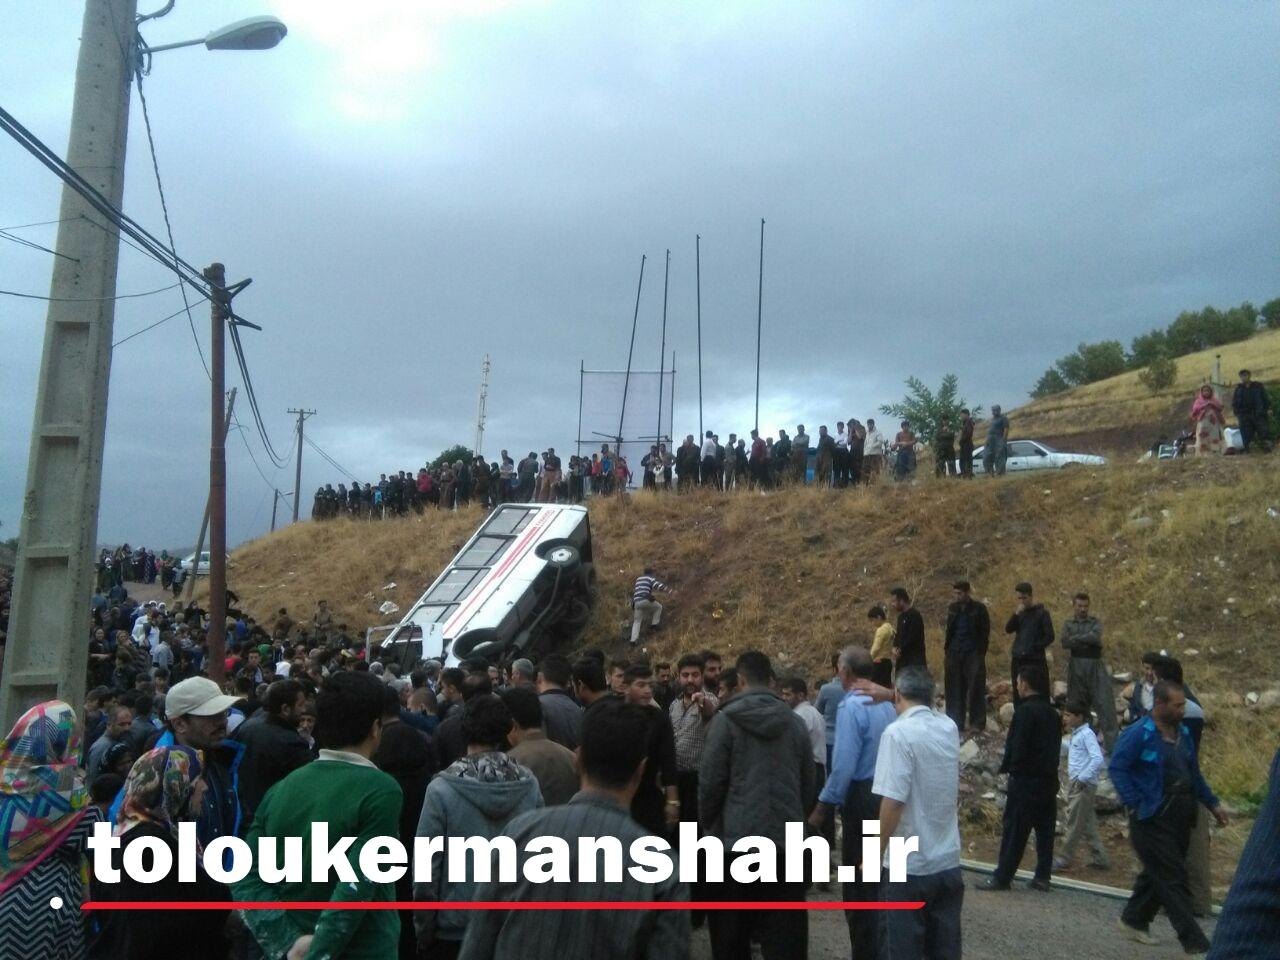 مینی بوس چپ شده در مسیر شهرستان پاوه کارکنان شرکت برق منطقه ای غرب کرمانشاه بودند